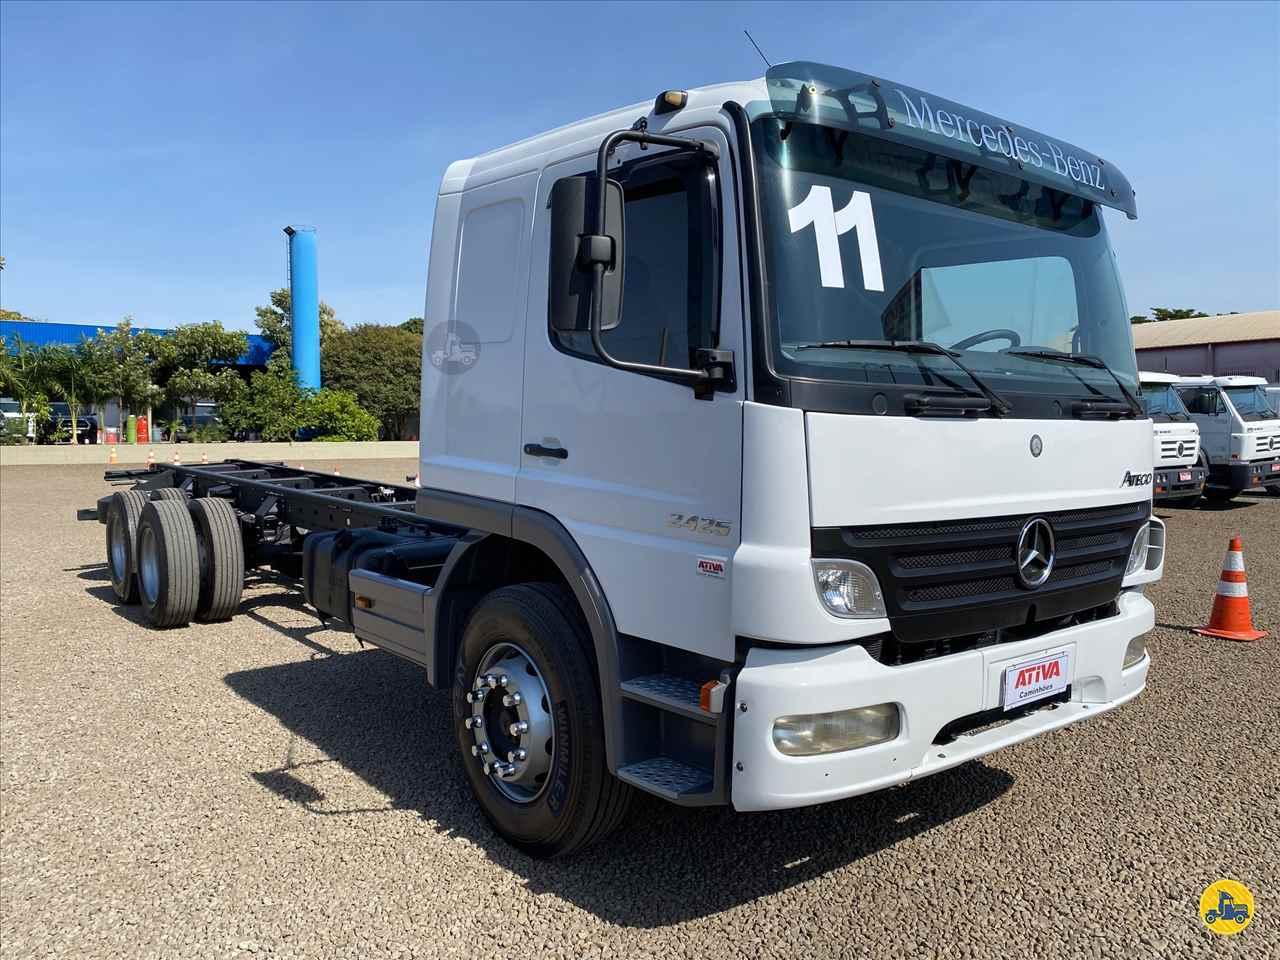 CAMINHAO MERCEDES-BENZ MB 2425 Chassis Truck 6x2 Ativa Caminhões CATANDUVA SÃO PAULO SP